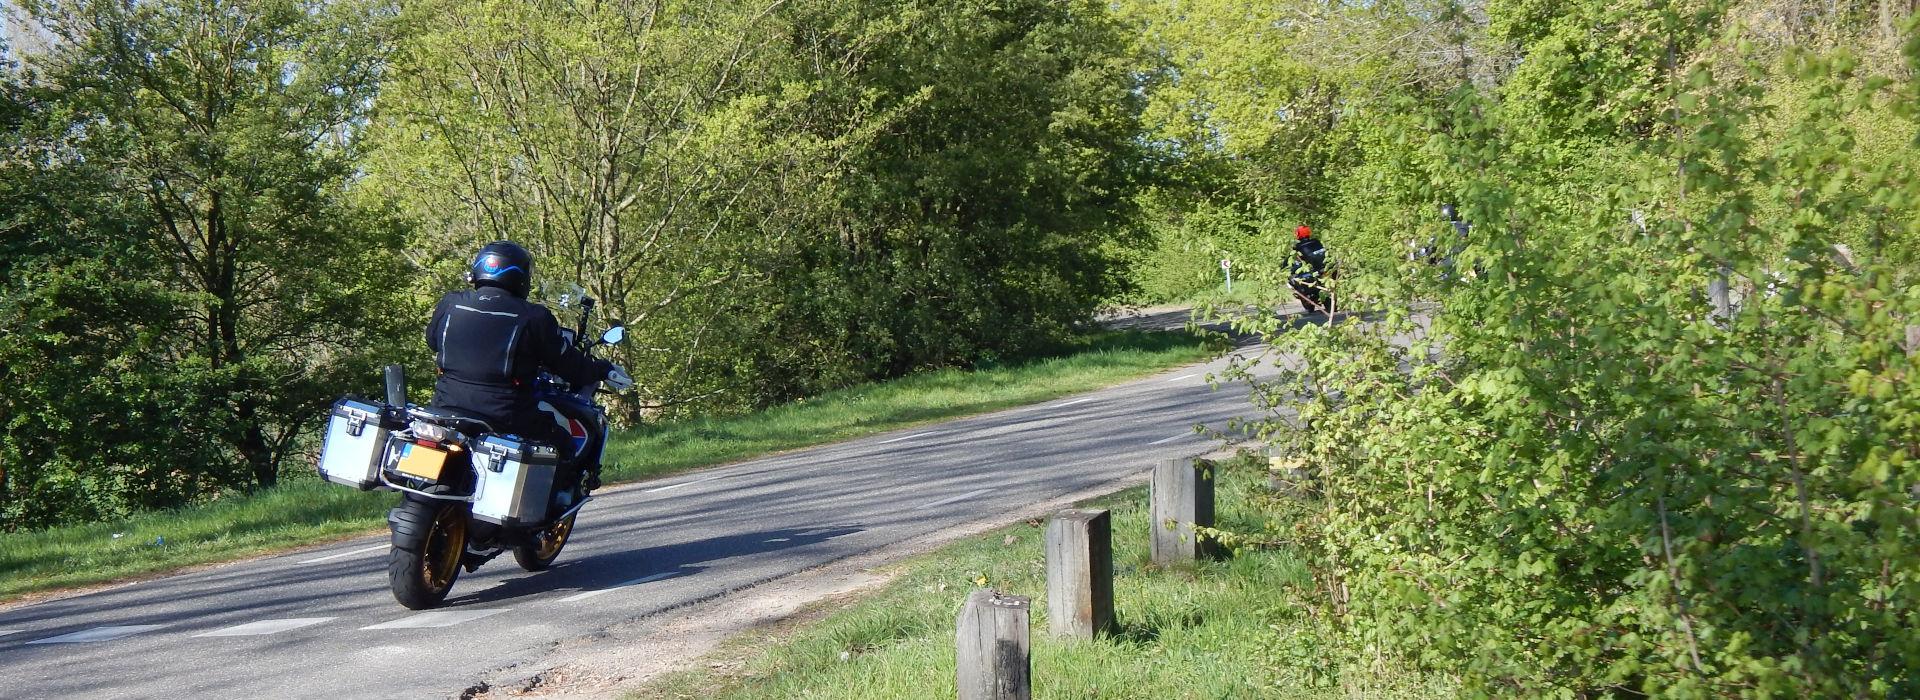 Motorrijbewijspoint Nieuwegein spoed motorrijbewijs